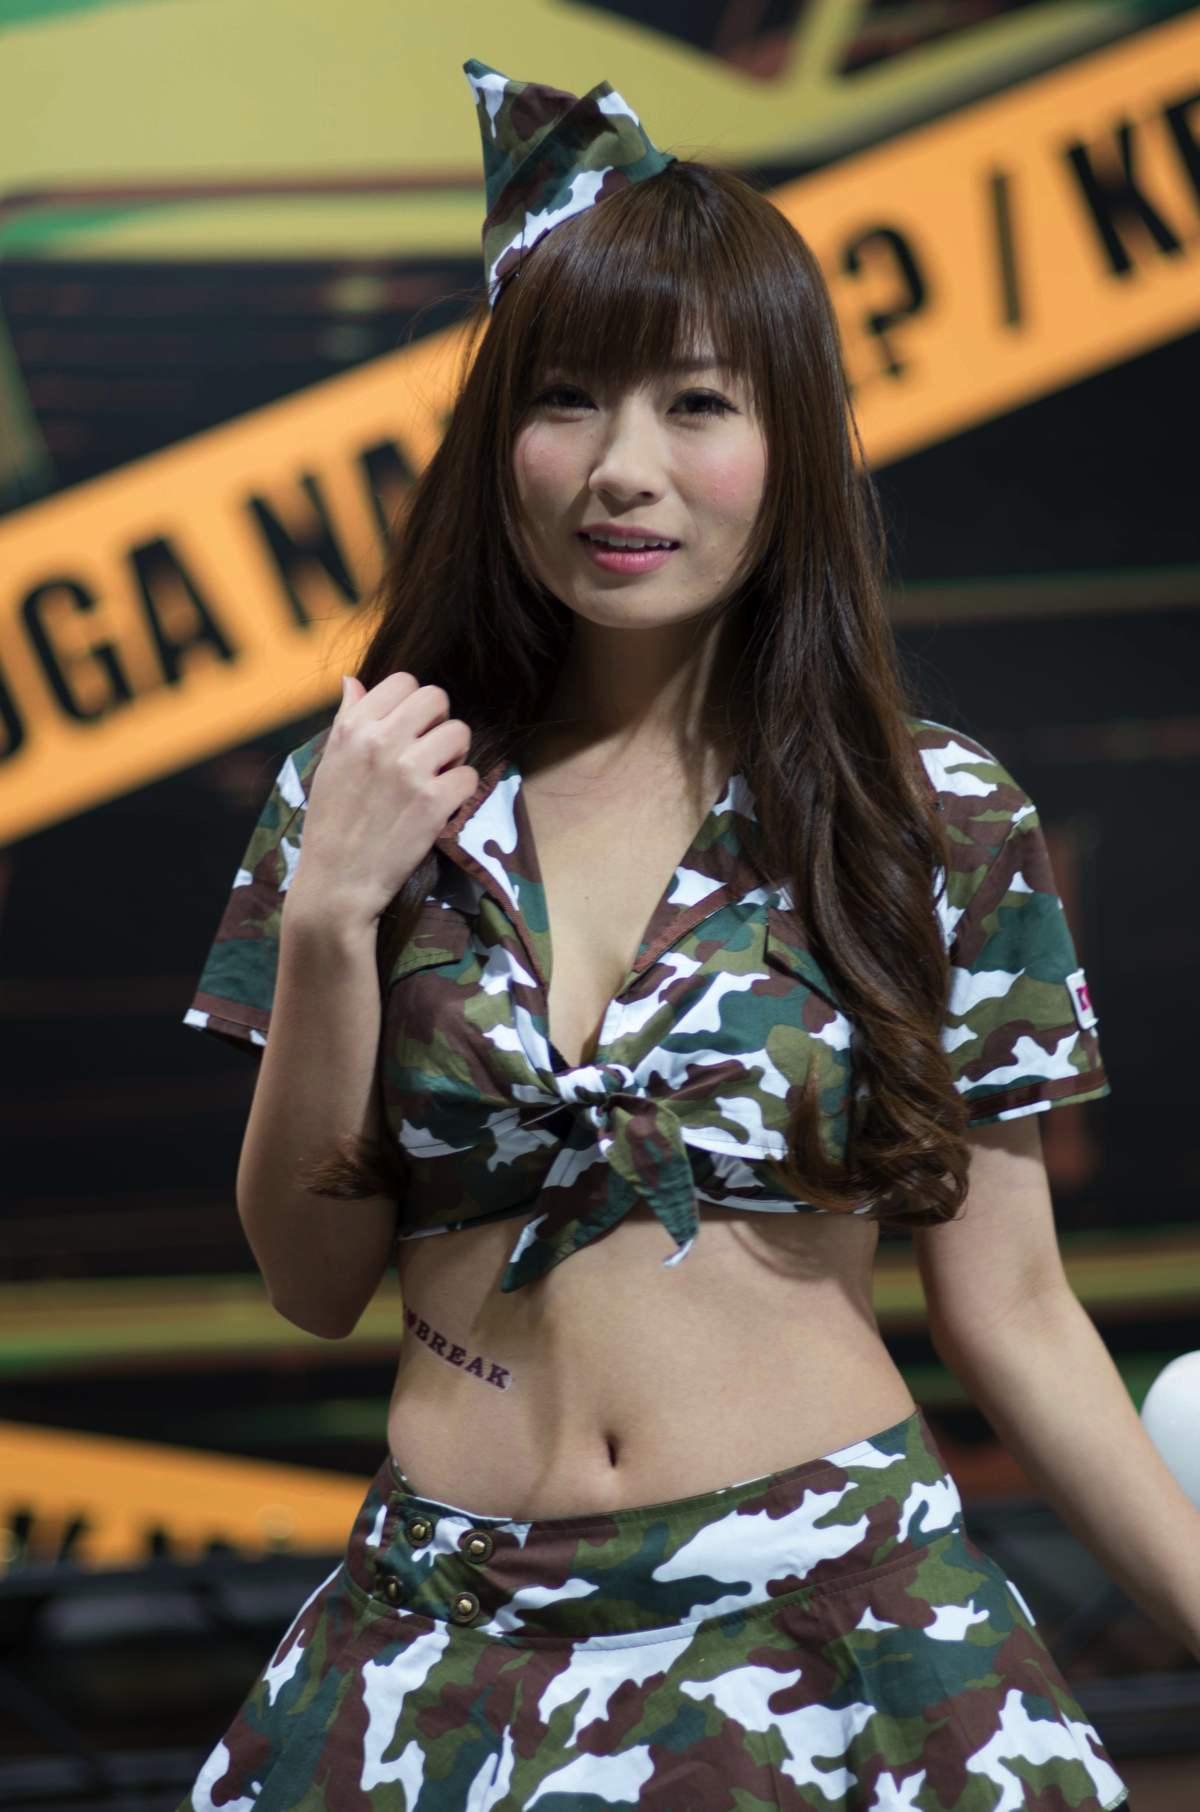 2014オートメッセ1日目コンパニオン11